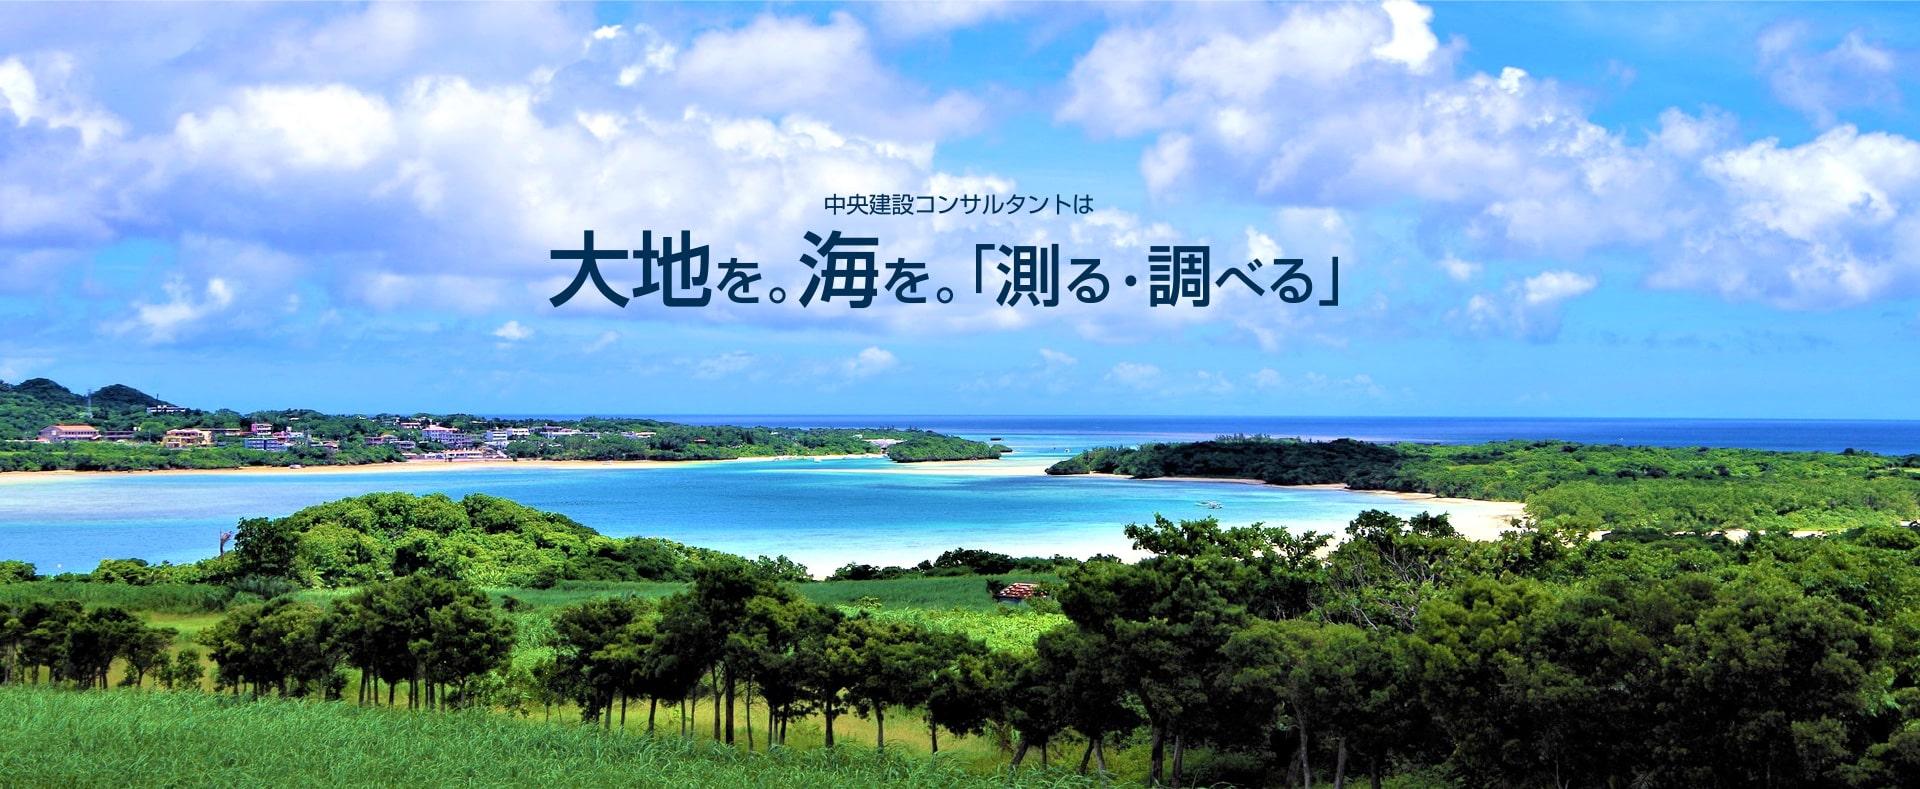 7. 大地を。海を。「測る・調べる」